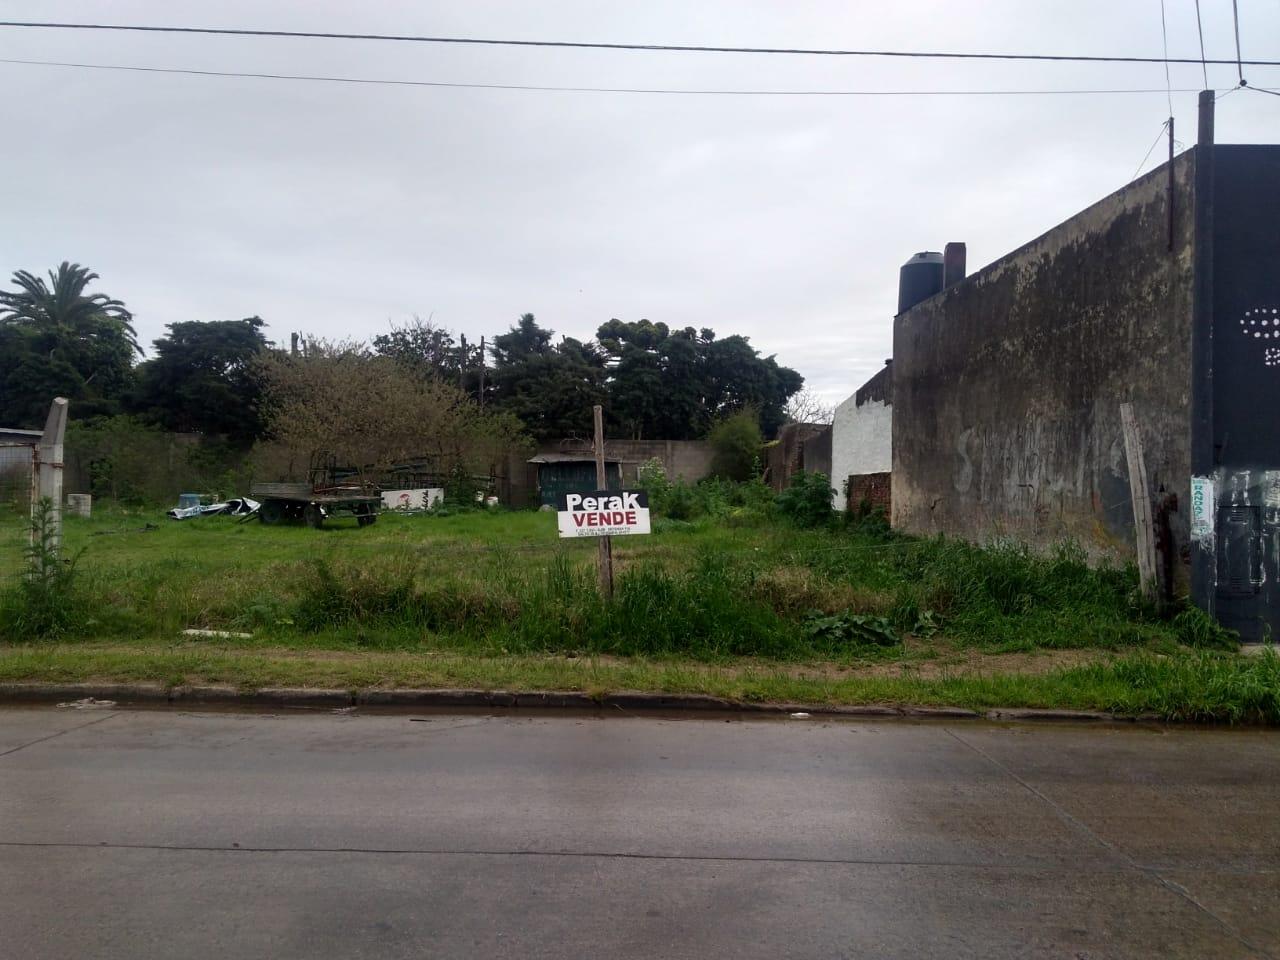 En venta terreno de una superficie total de 300 mts2, ubicado en calle Tristan Lobos salto B.